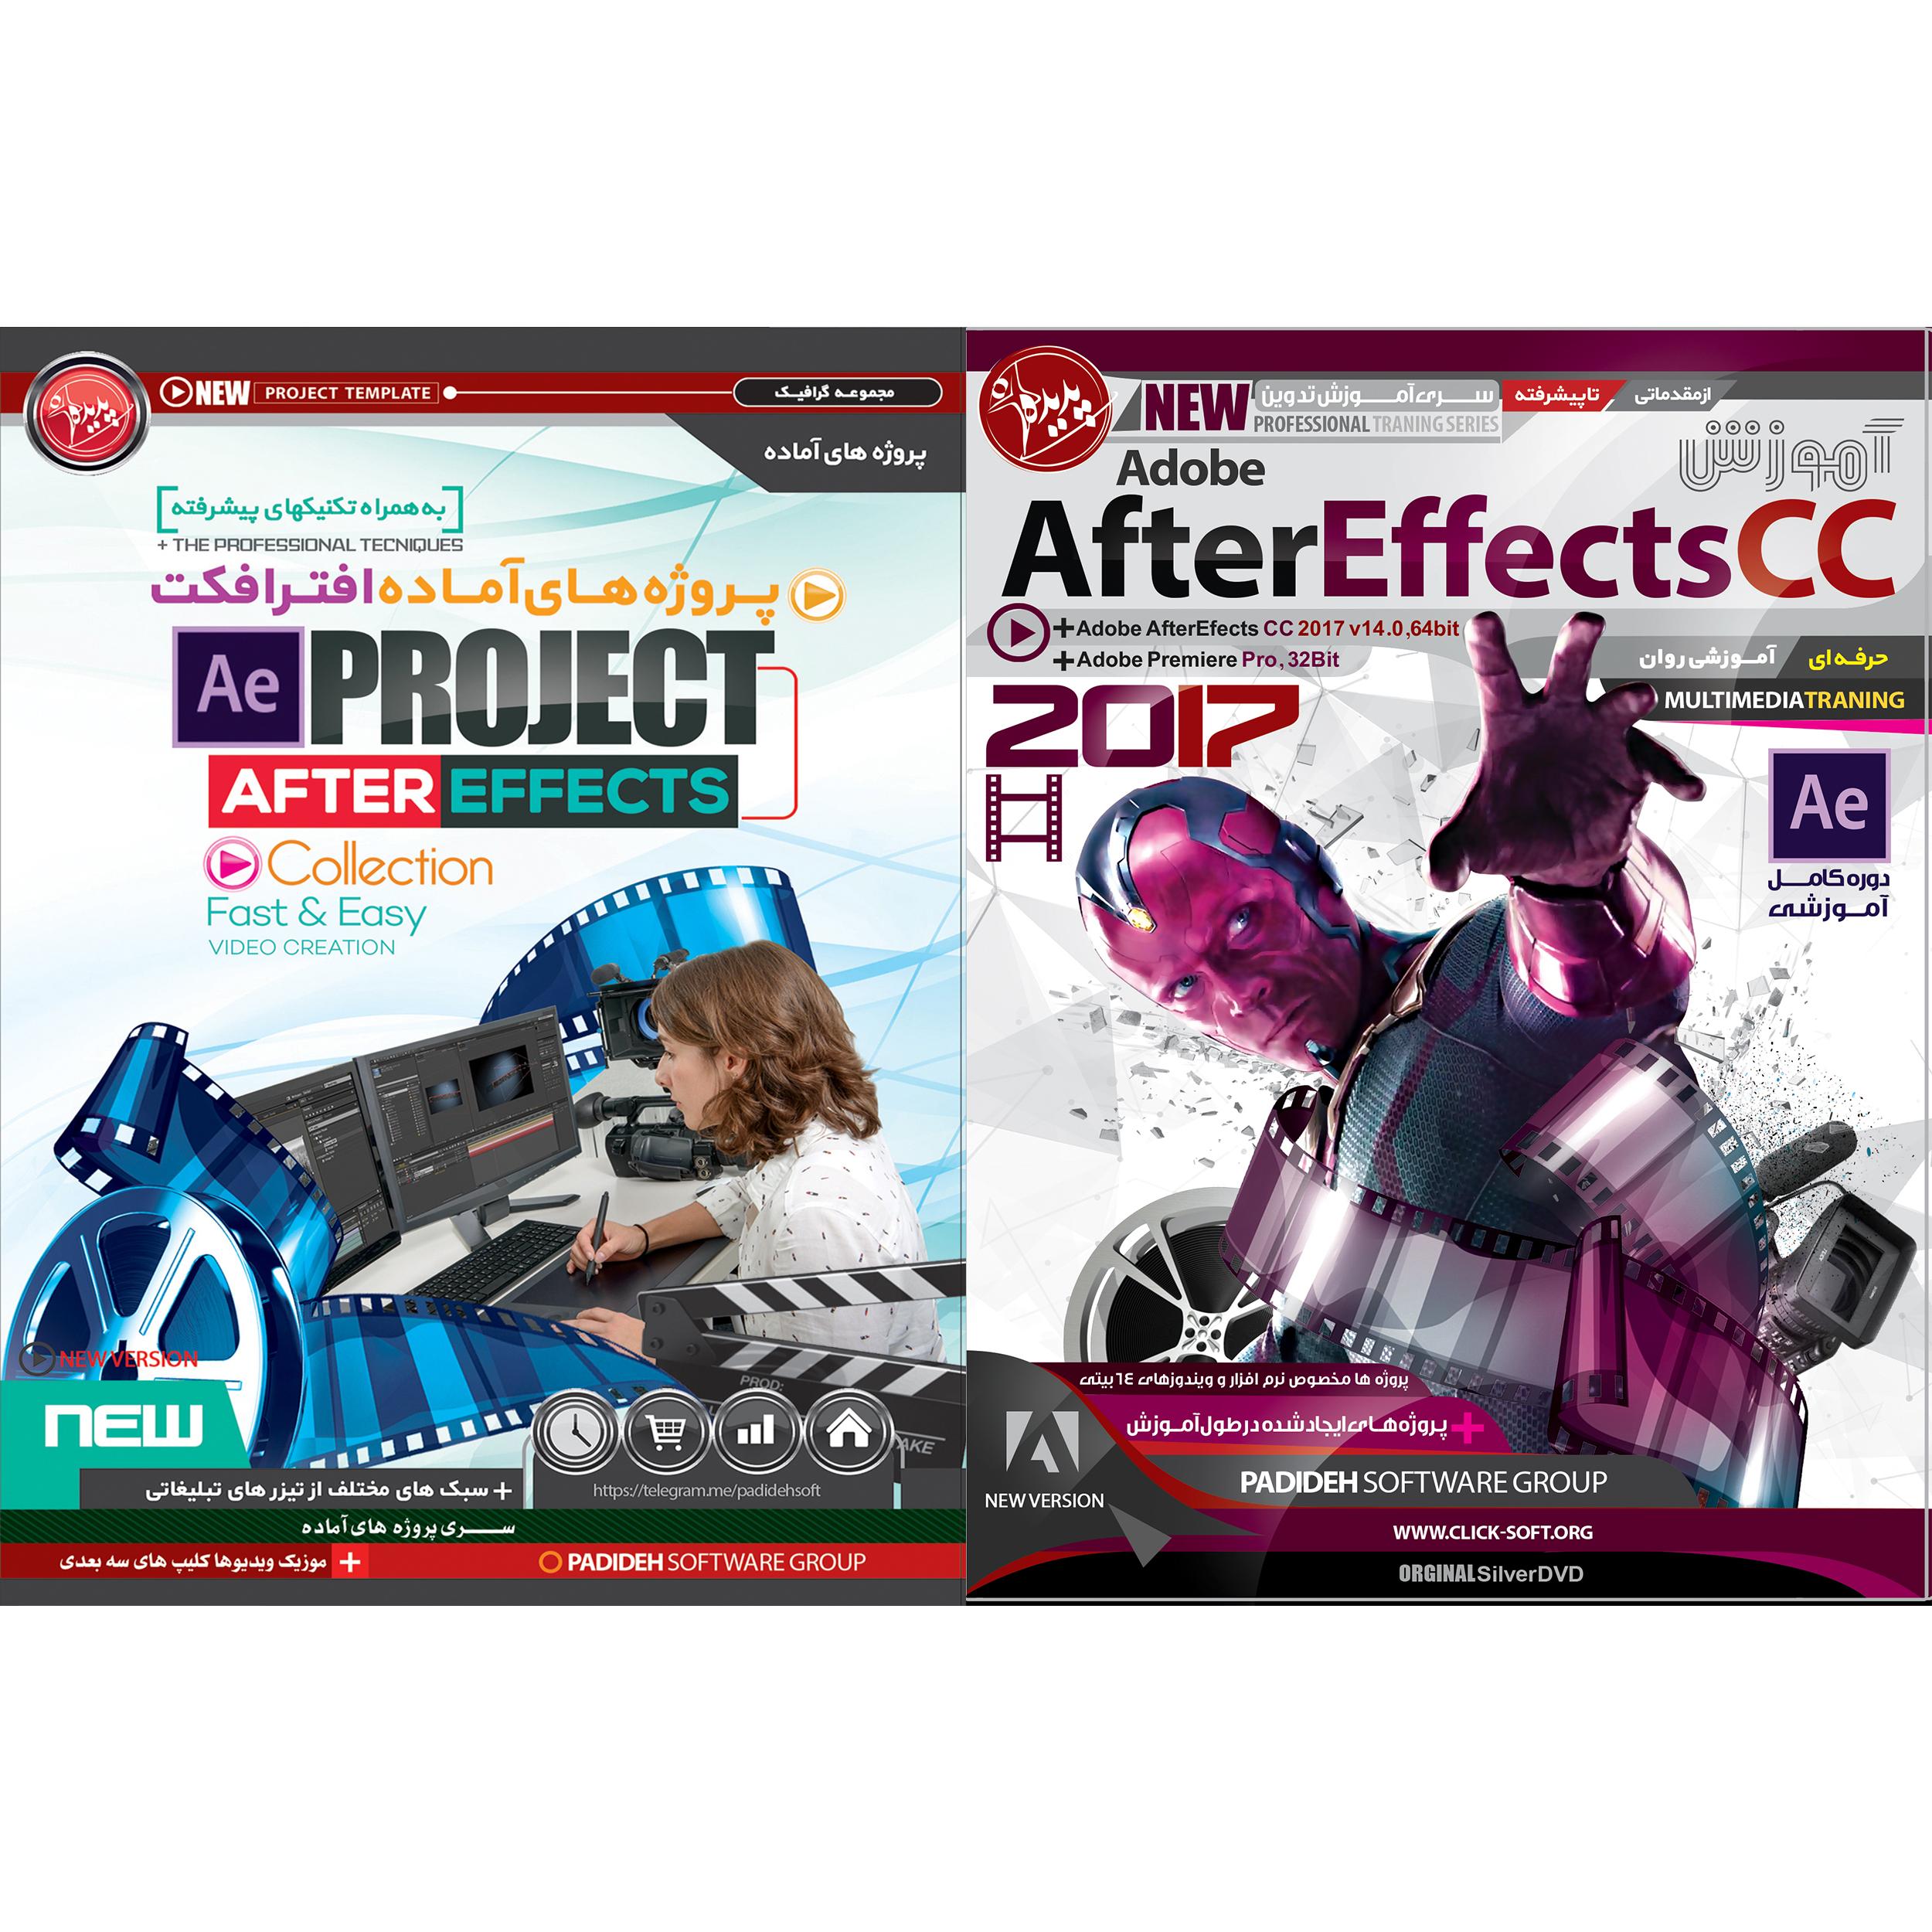 نرم افزار آموزش  After Effect CC نشر پدیده به همراه نرم افزار پروژه های آماده افتر افکت نشر پدیده